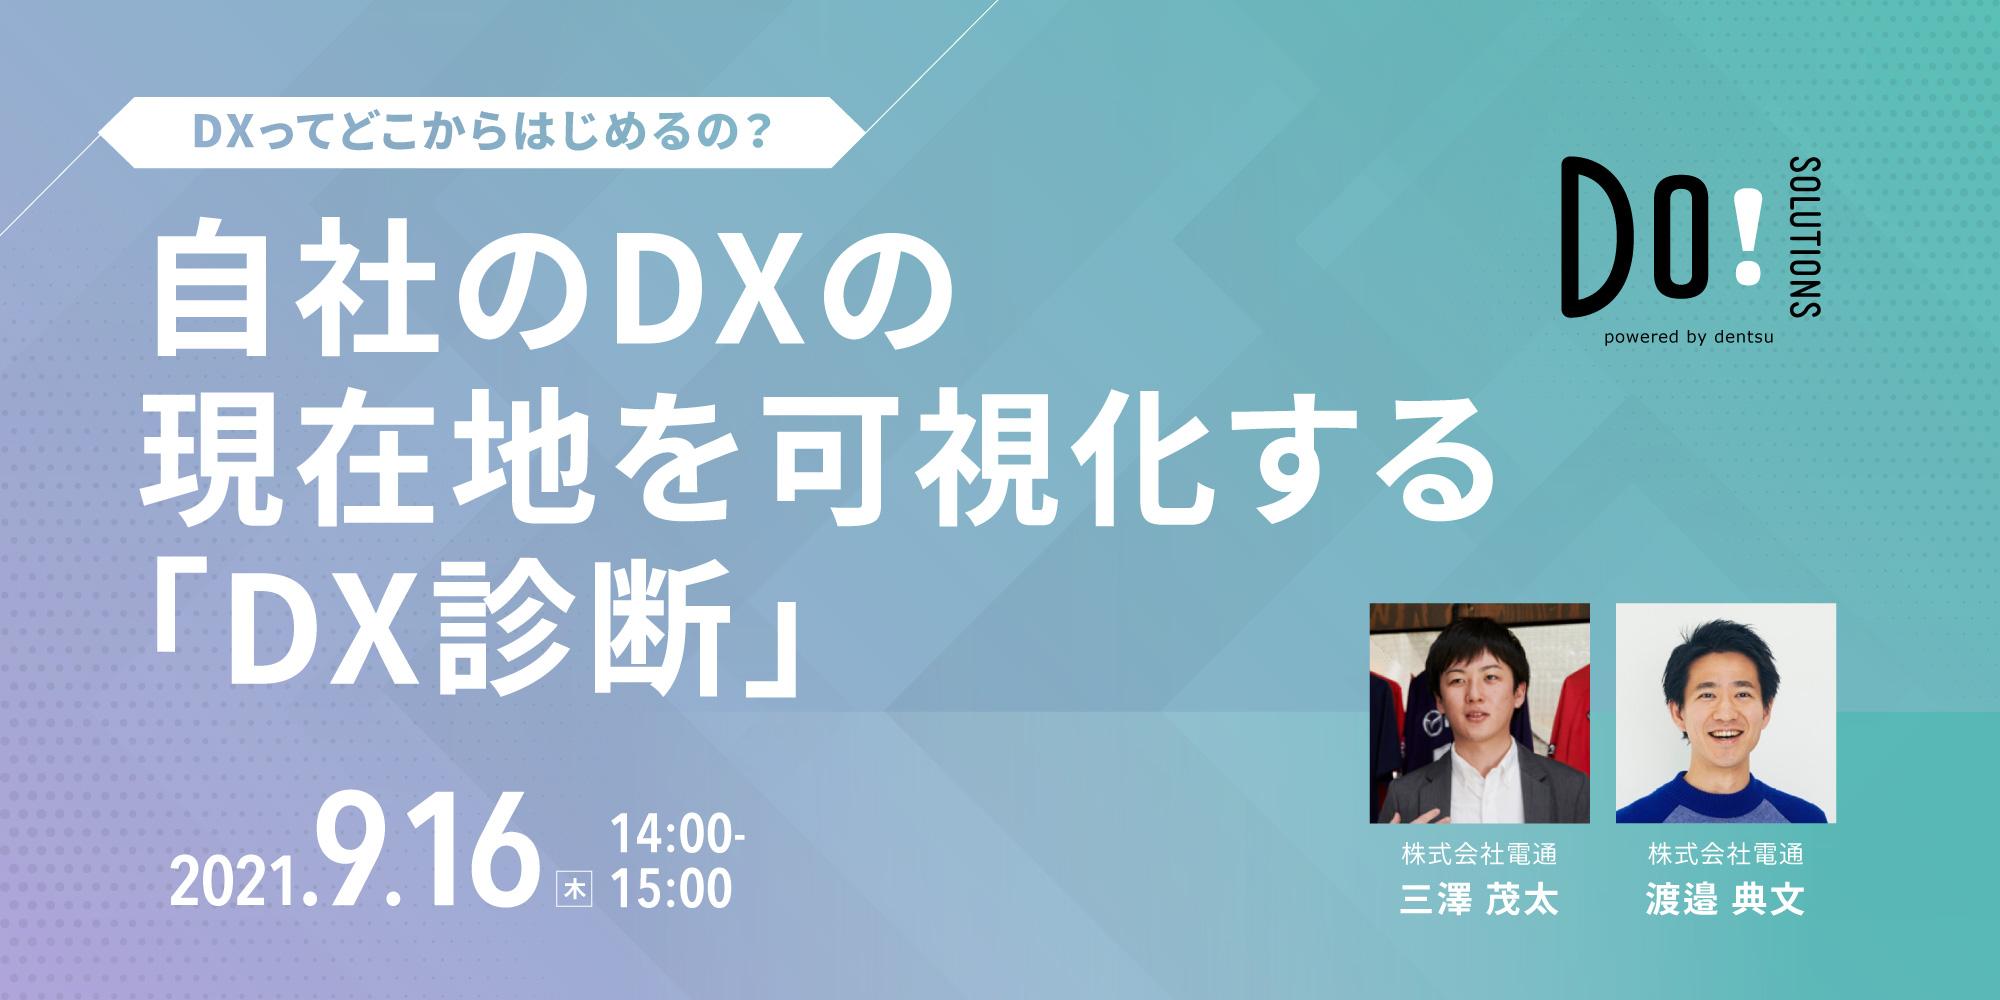 ※受付を終了いたしました※2021/9/16開催【Do! Solutions Webinar】DXってどこからはじめるの? 自社のDXの現在地を可視化する ❝ DX診断 ❞